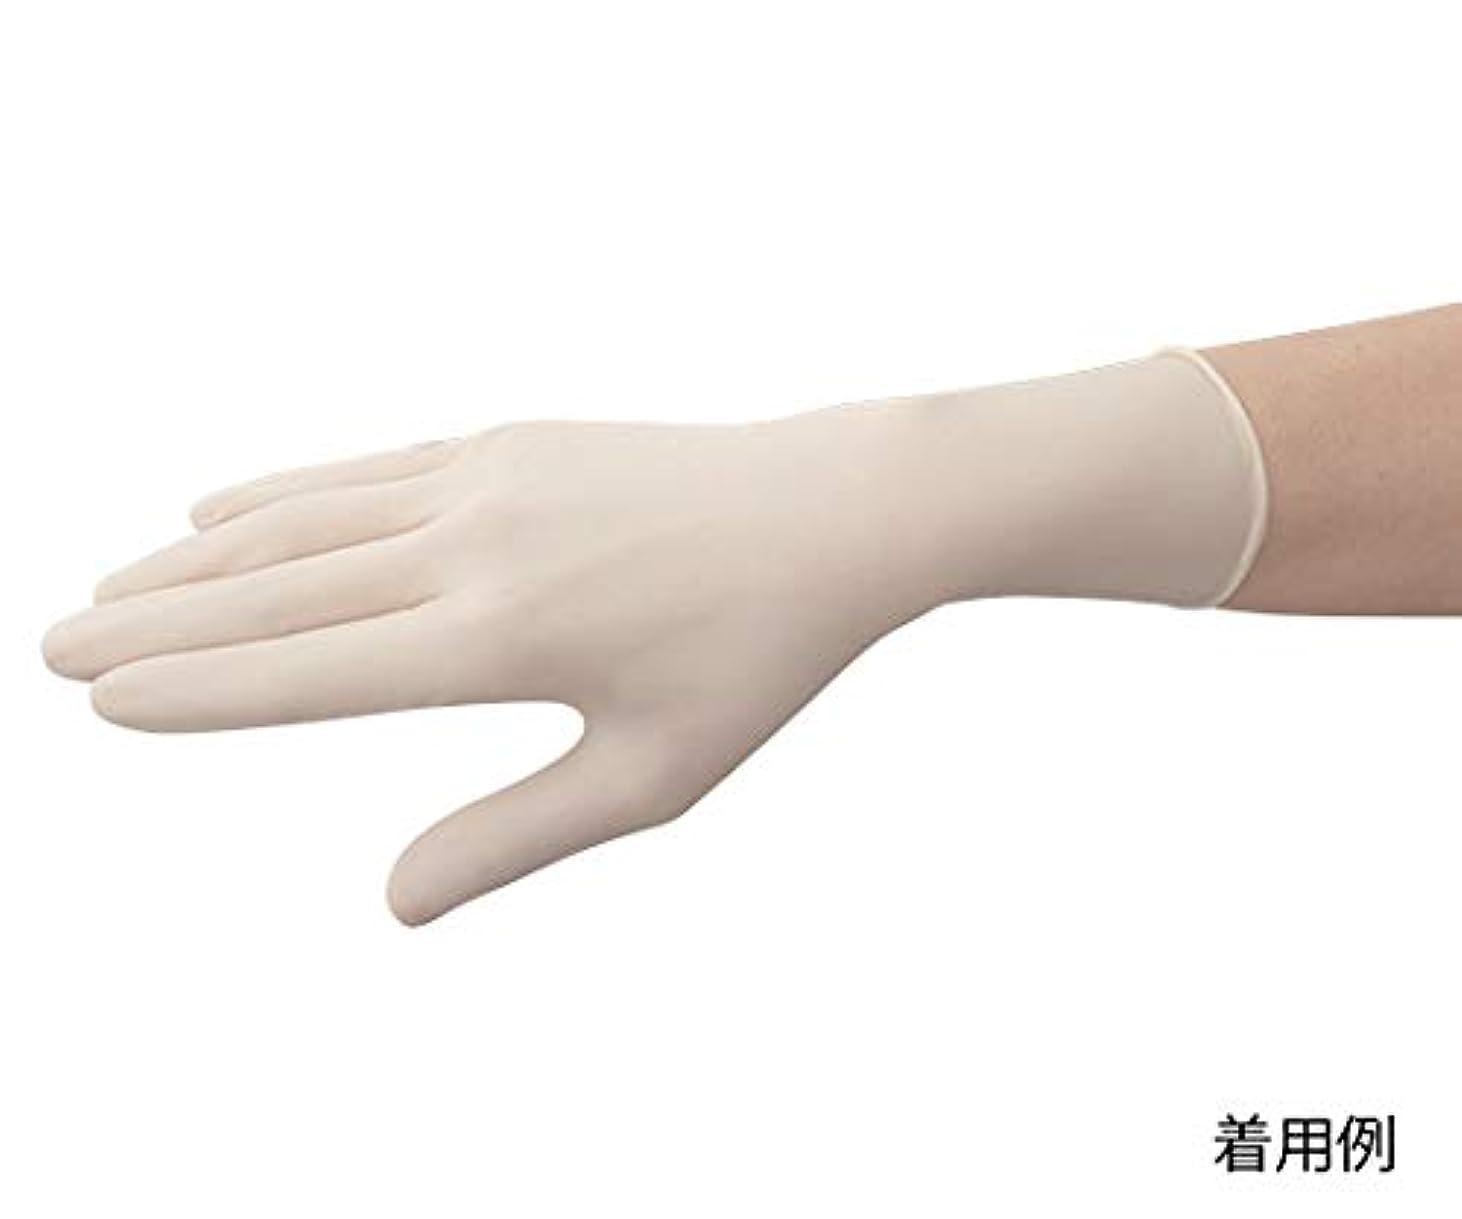 砲撃高原ミス東レ?メディカル 手術用手袋メディグリップ パウダーフリー50双 8175MG